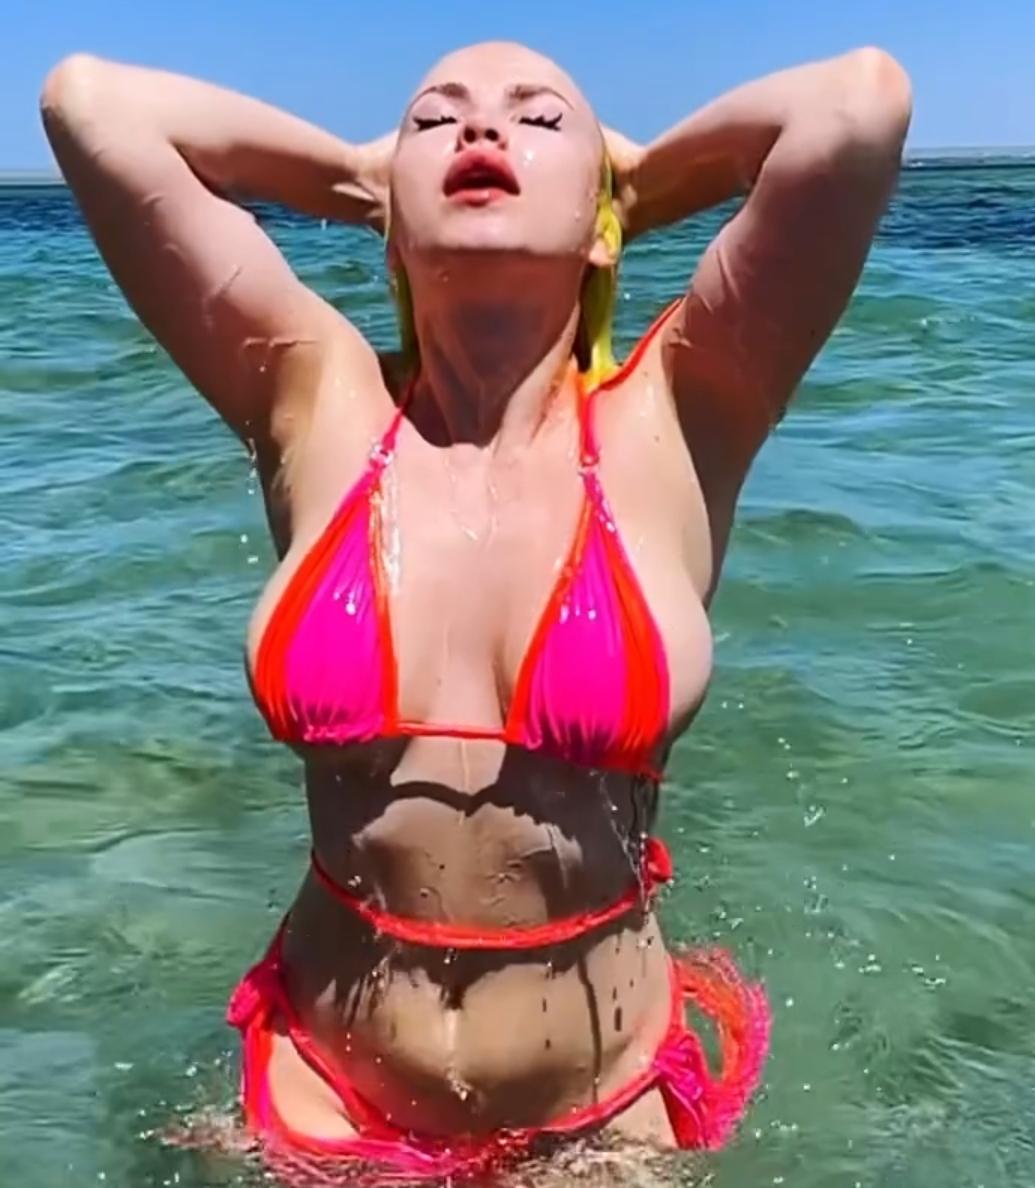 Даша Шейк опубликовала видео огромной груди в крохотном бикини